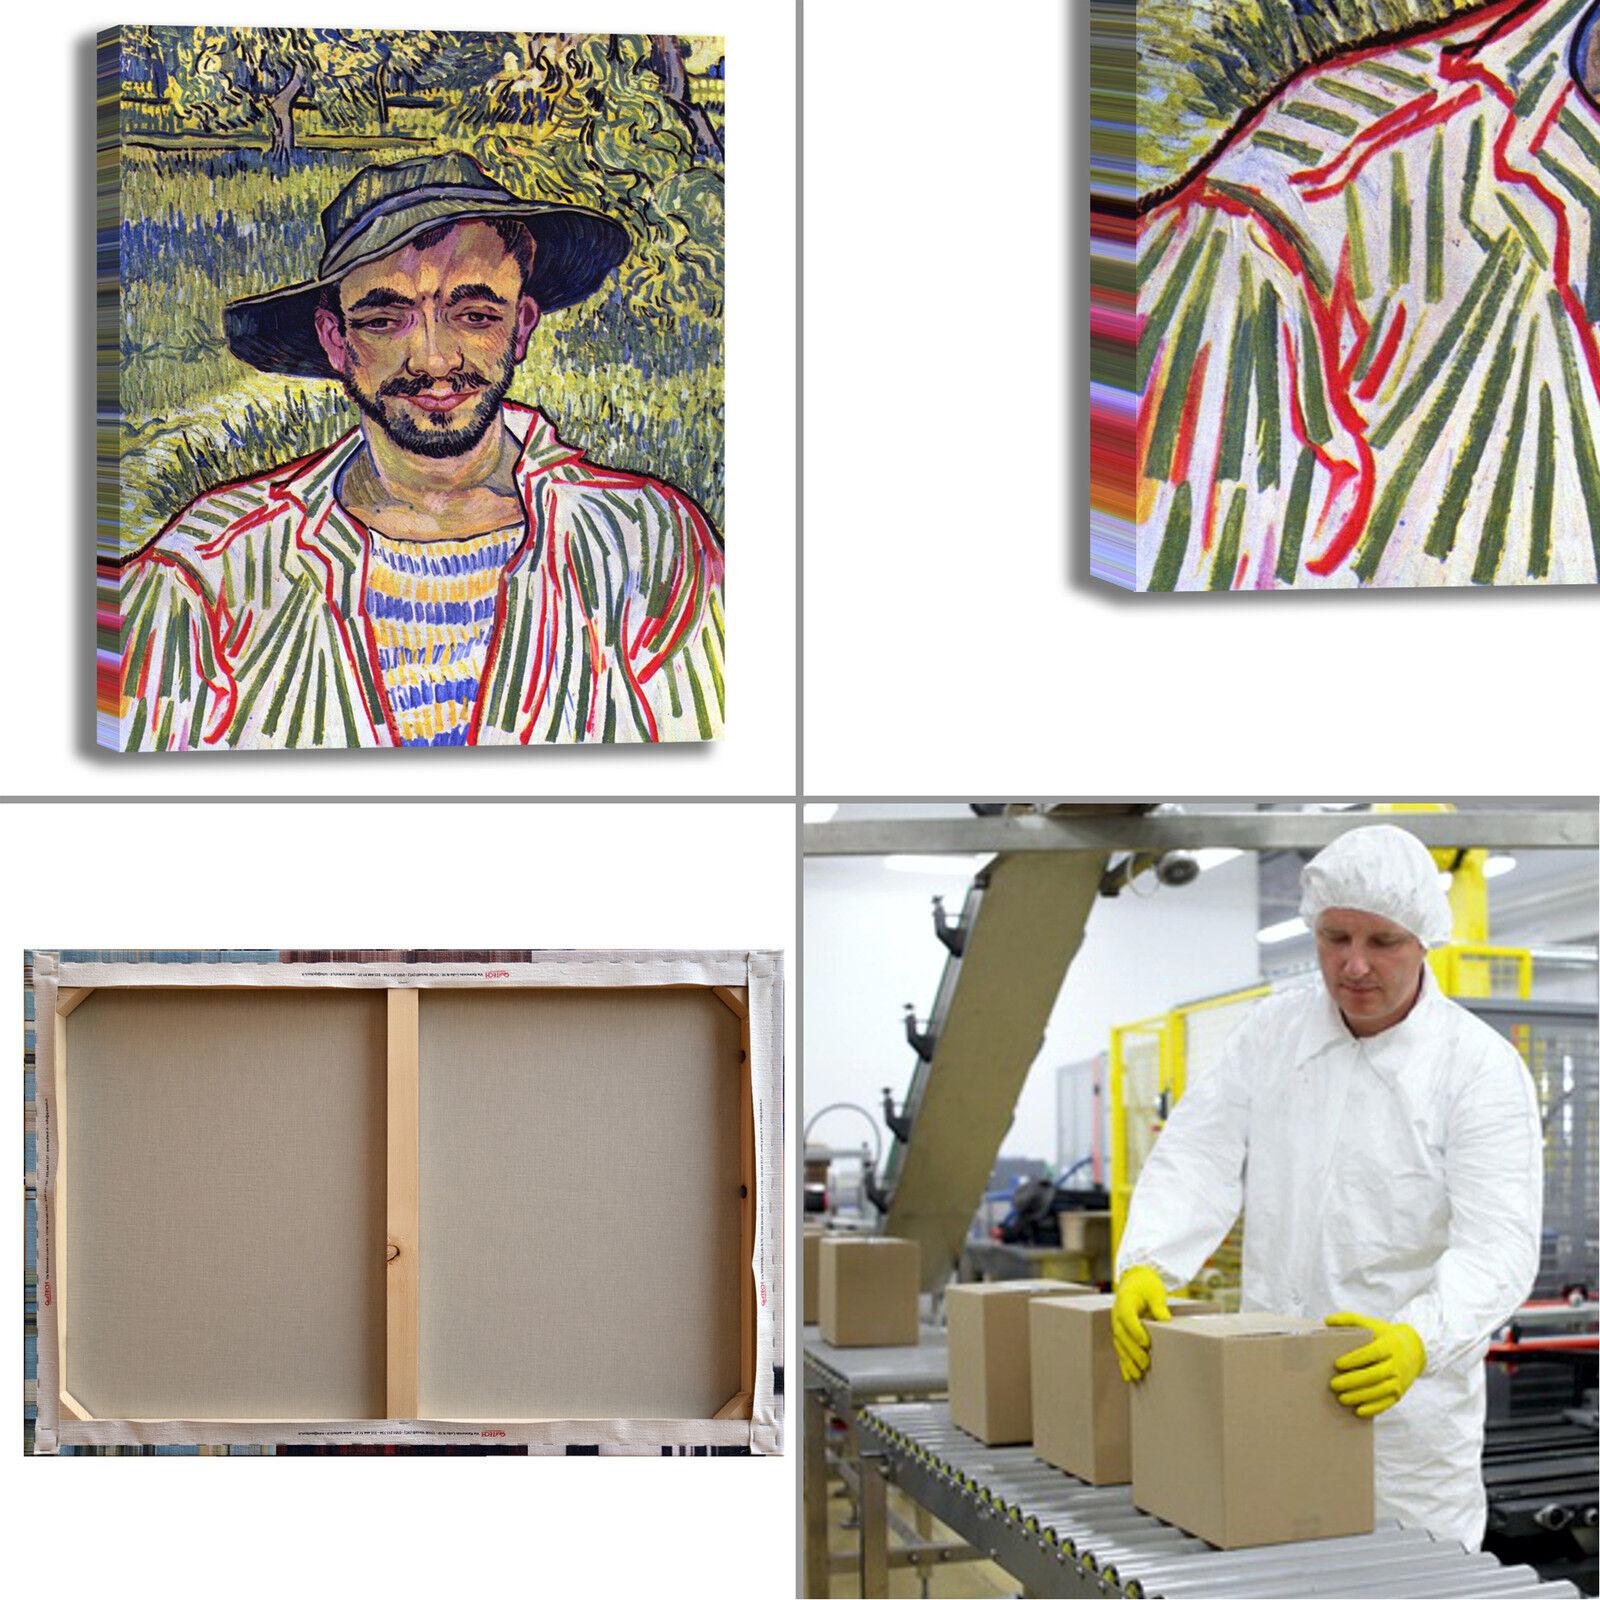 Van Gogh il arRouge giardiniere design quadro stampa tela dipinto telaio arRouge il o casa b6f6f8